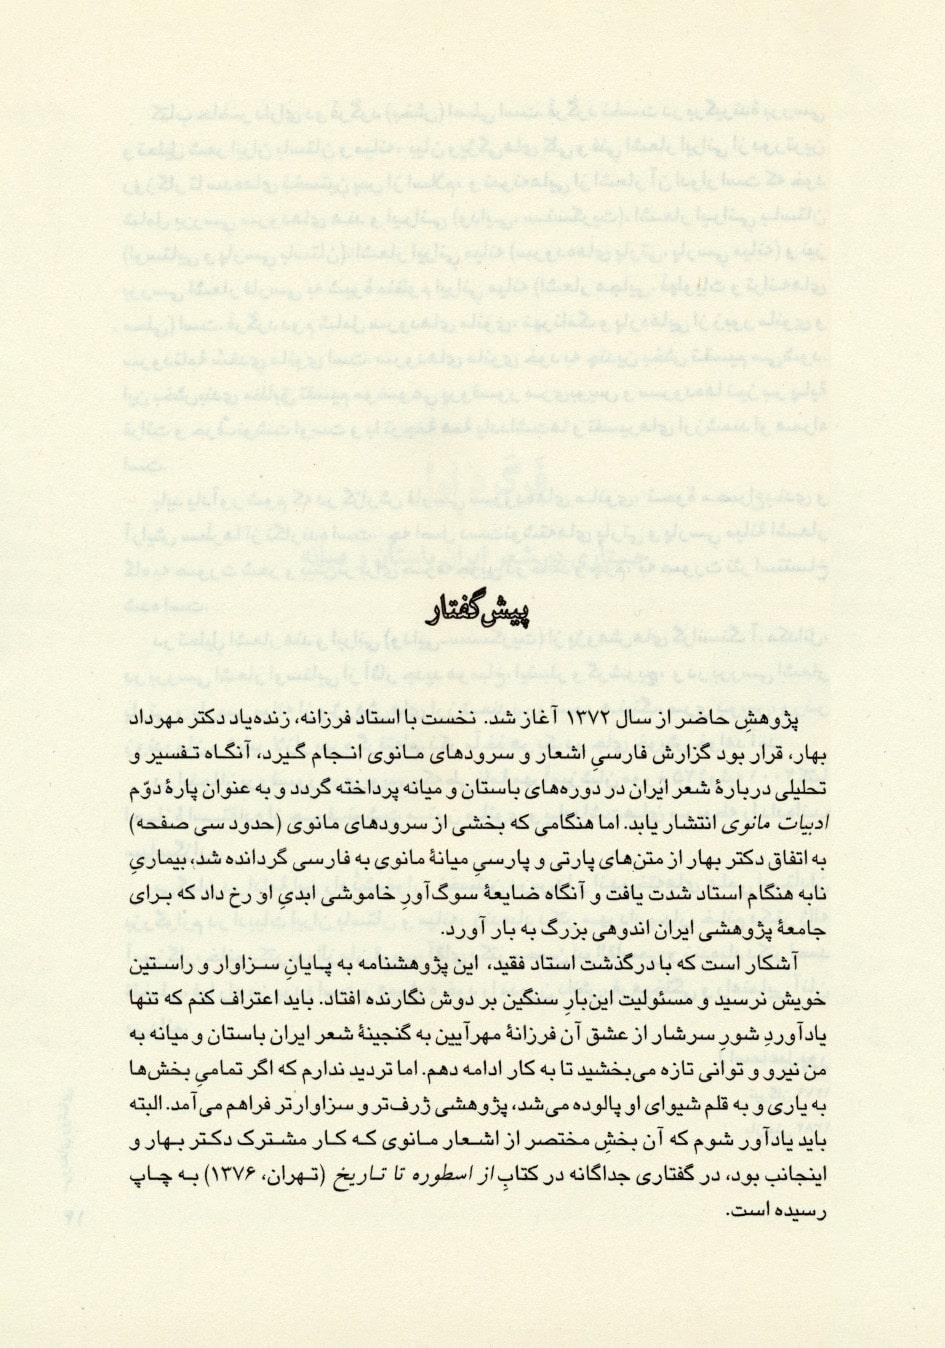 سرودهای روشنایی (جستاری در شعر ایران باستان و میانه و سرودهای مانوی)